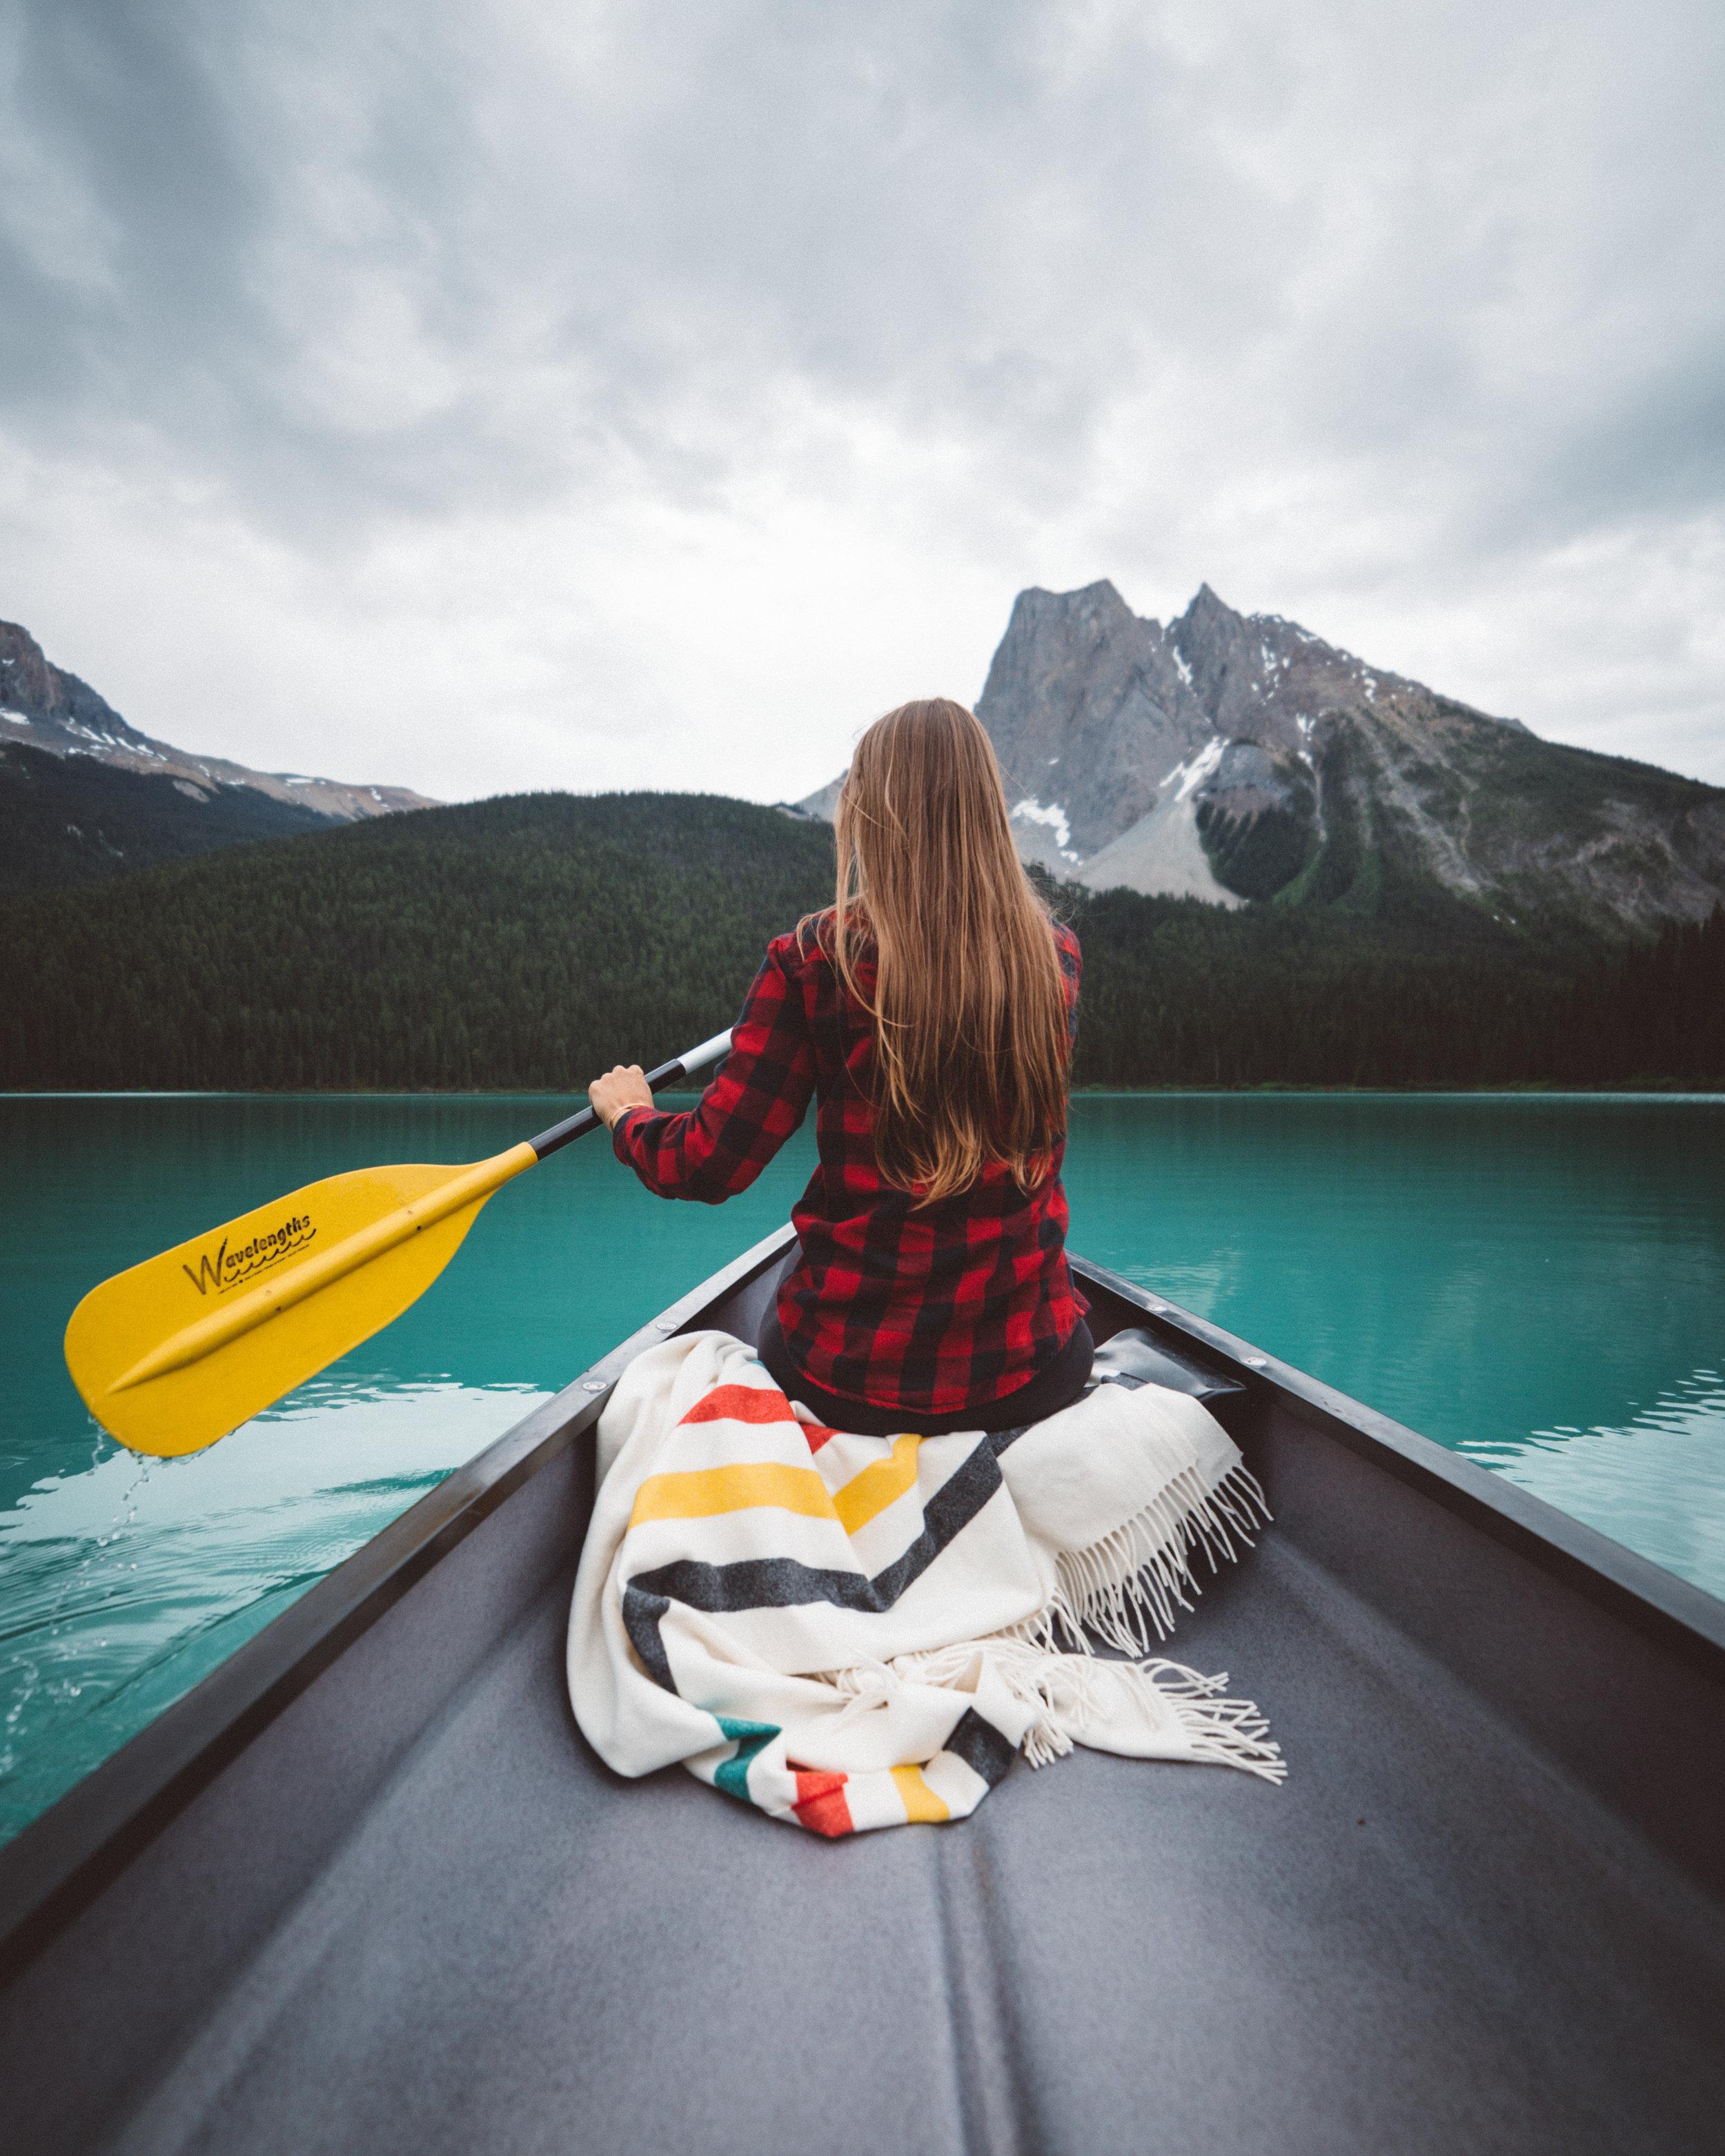 A morning paddle around Emerald Lake, photo / Christian Schaffer